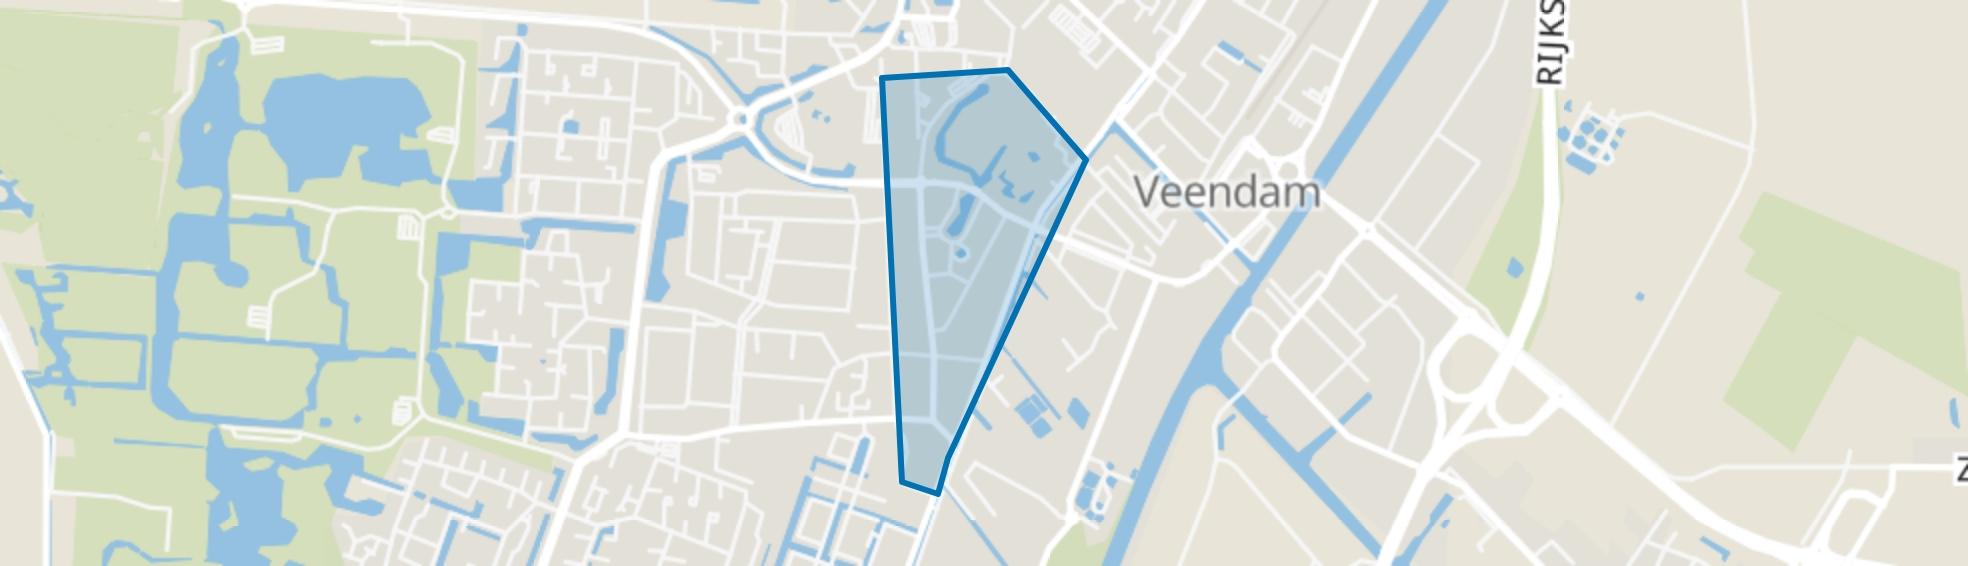 Veendam-Zuid, Veendam map